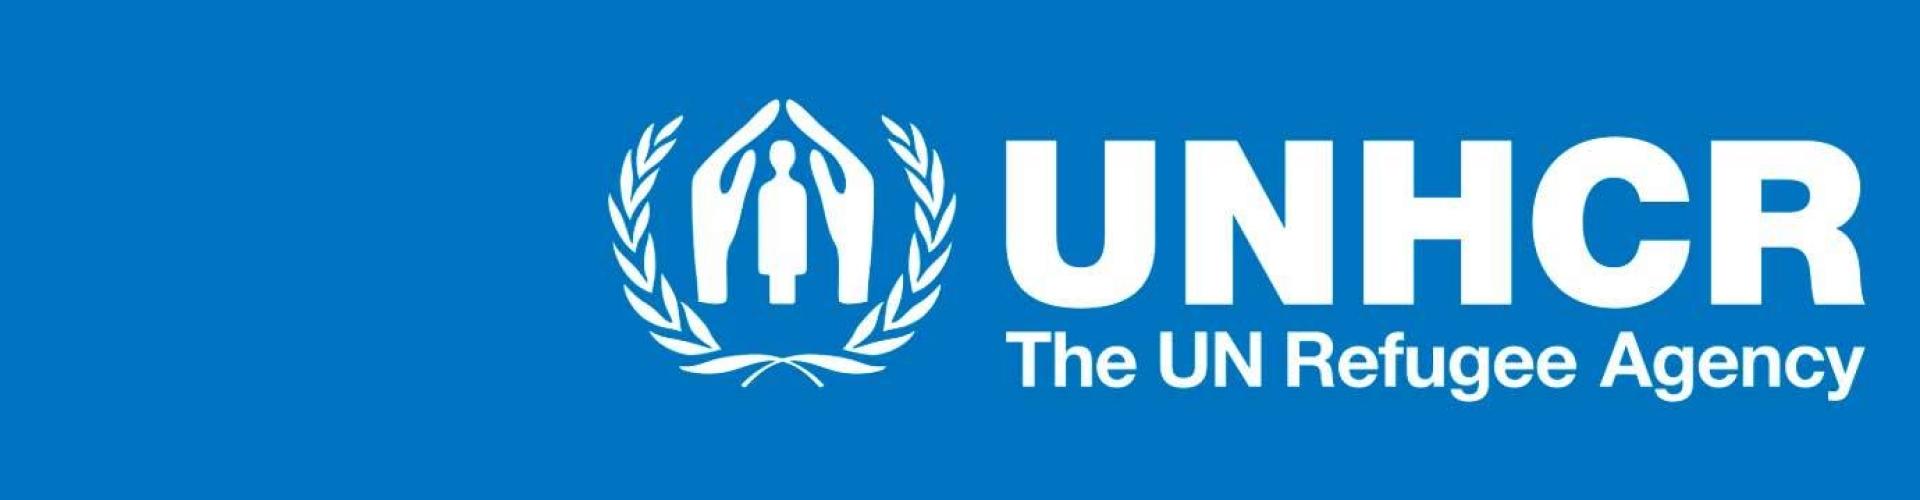 UNHCR ยกย่องรัฐบาลไทย ที่อนุมัติสัญชาติให้แก่เด็กและโค้ชที่ได้รับการช่วยเหลือออกมาจากถ้ำ